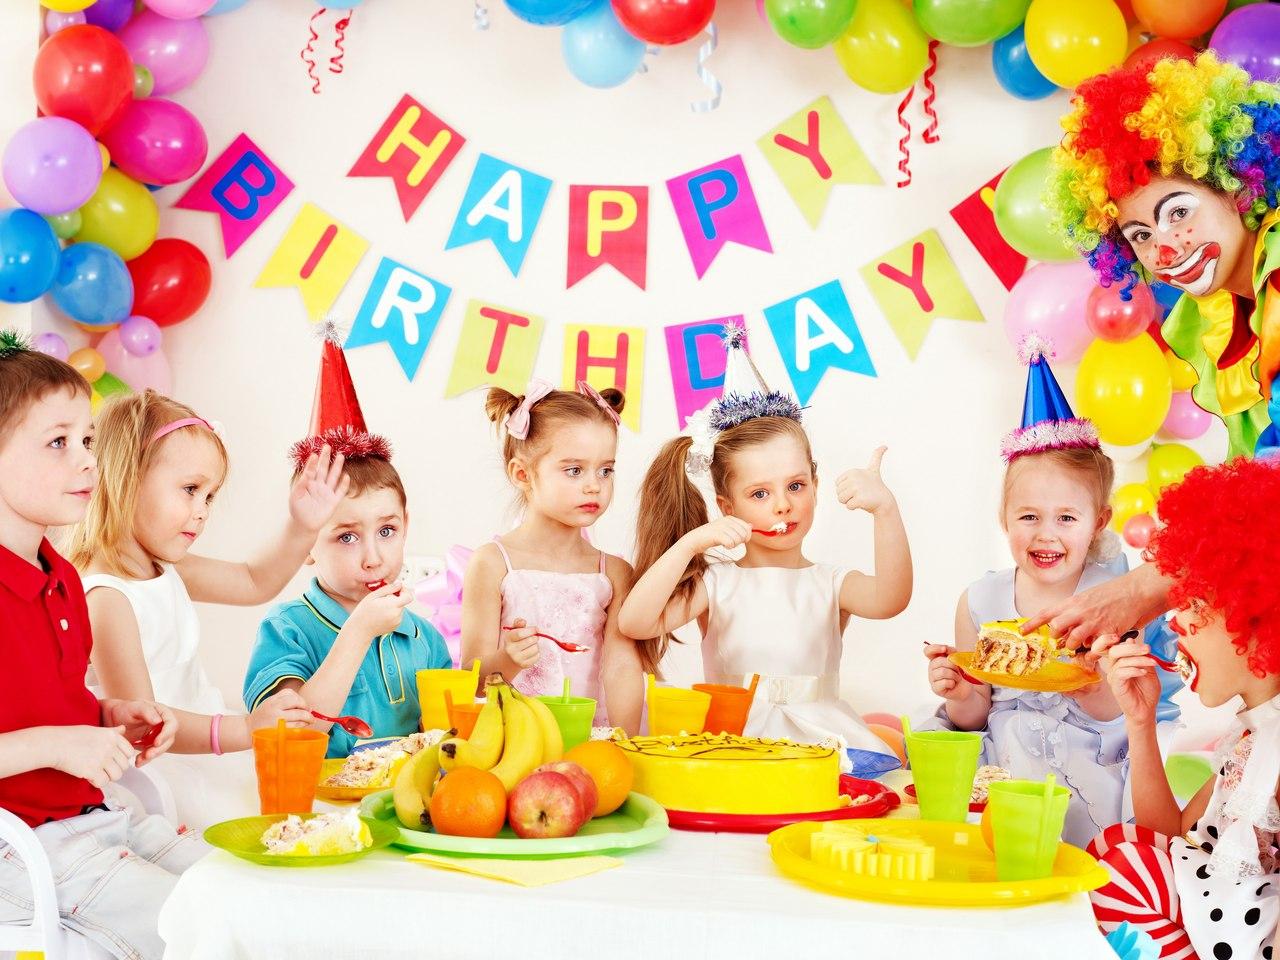 Мини сценарий на день рождения детей